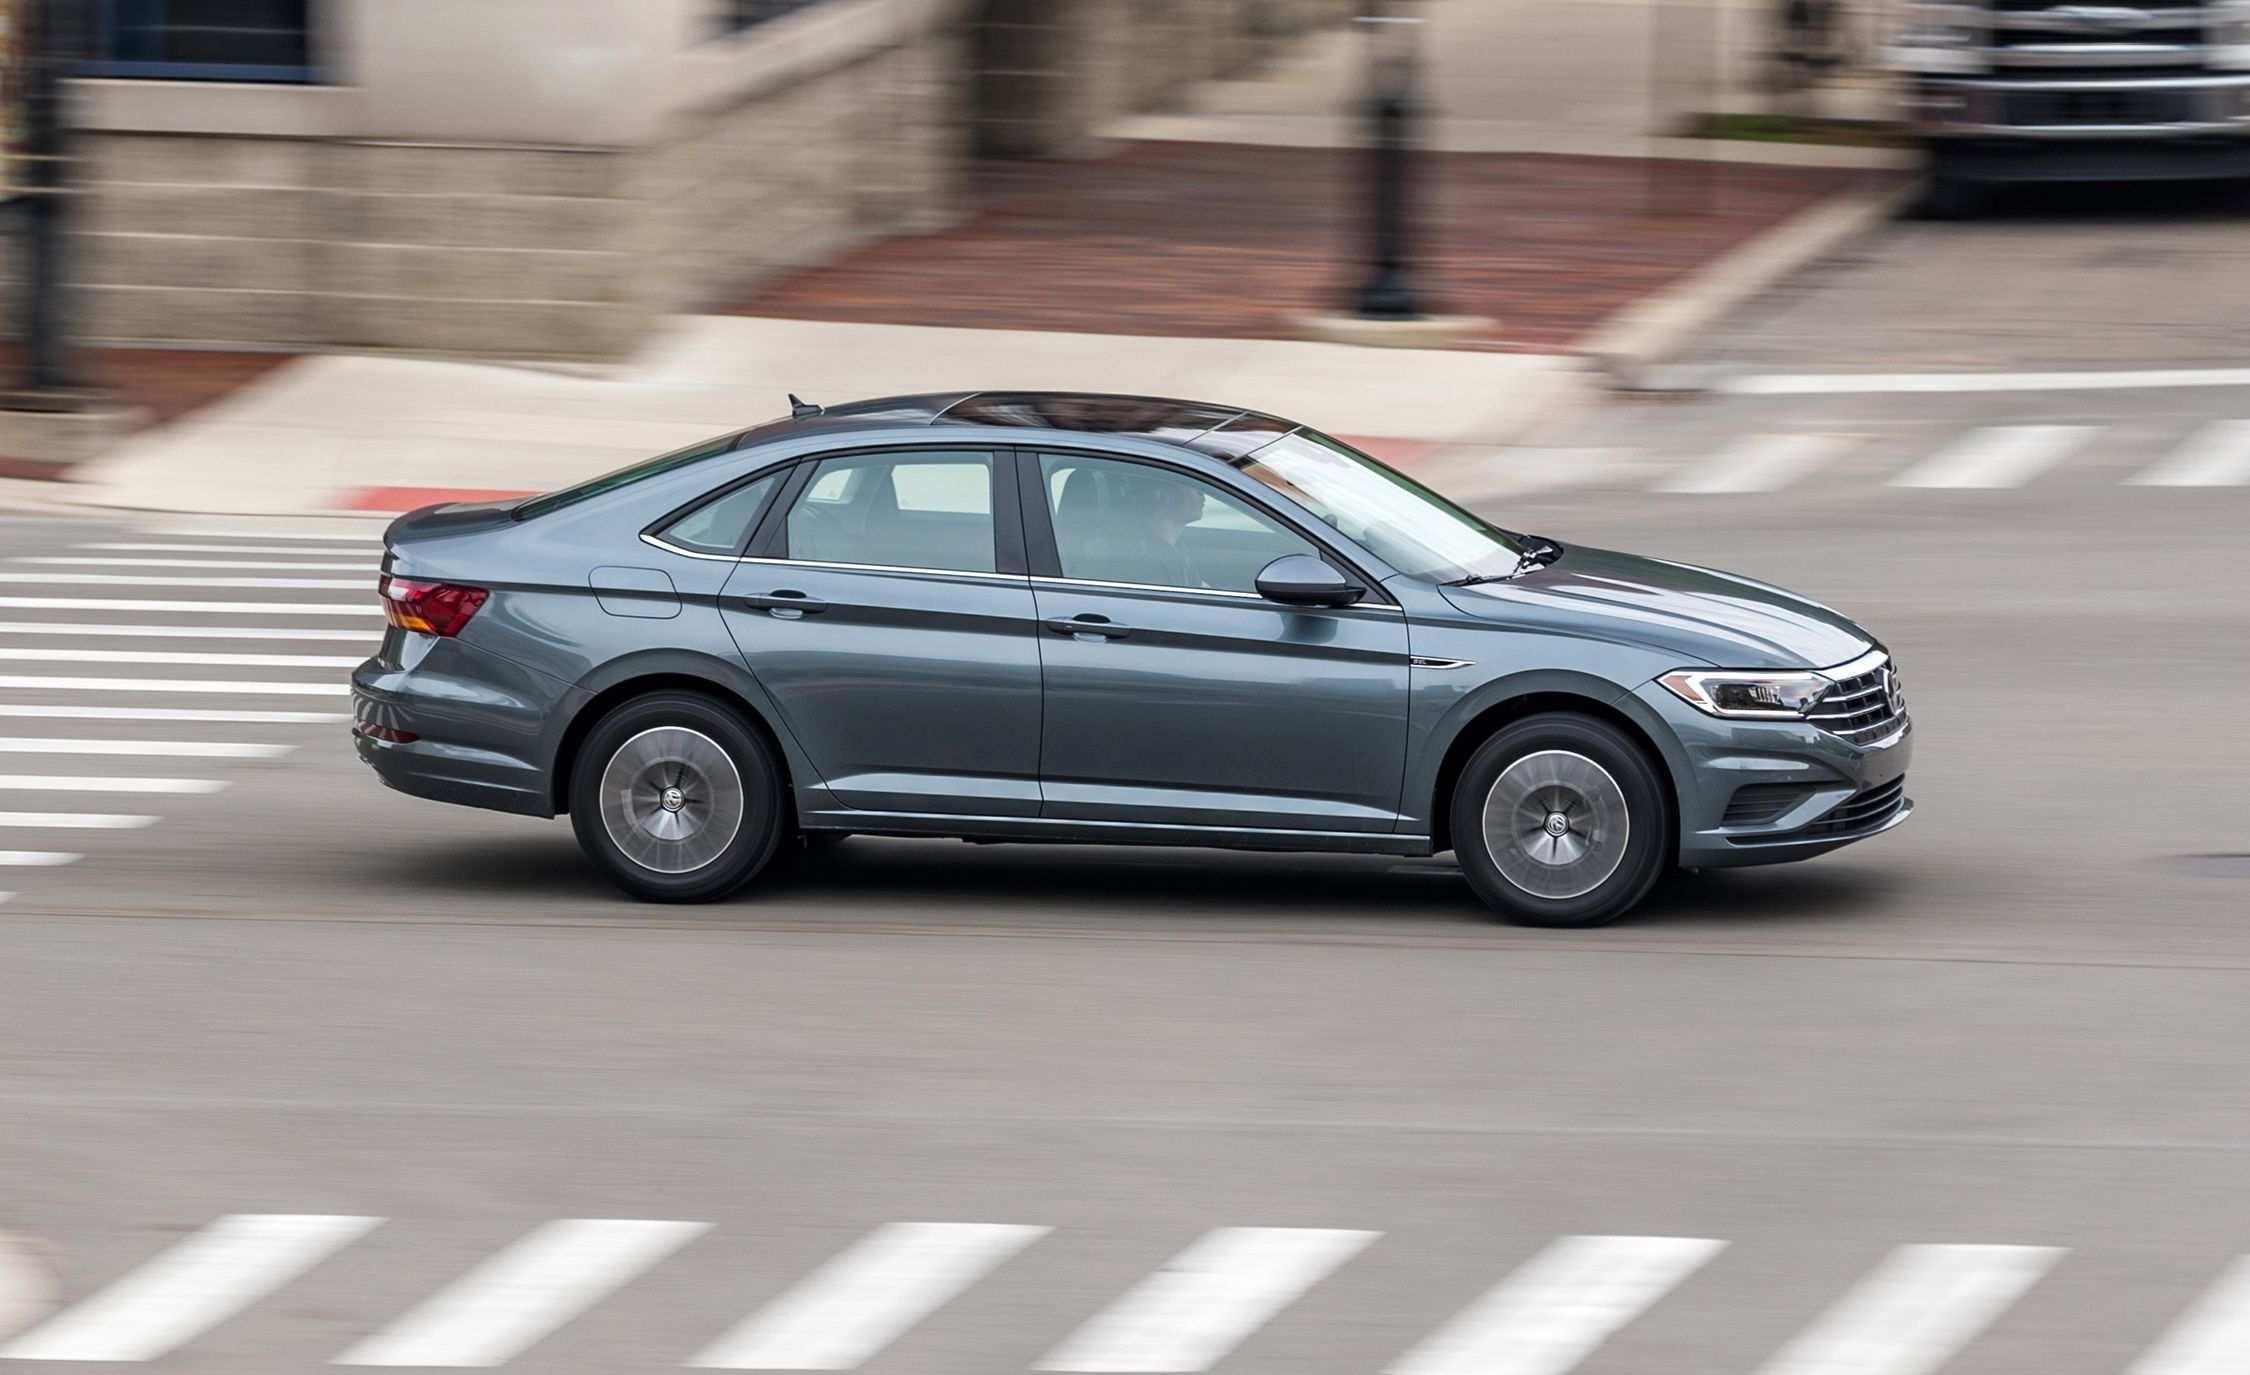 97 Concept of Volkswagen Jetta 2020 Horsepower Performance and New Engine for Volkswagen Jetta 2020 Horsepower